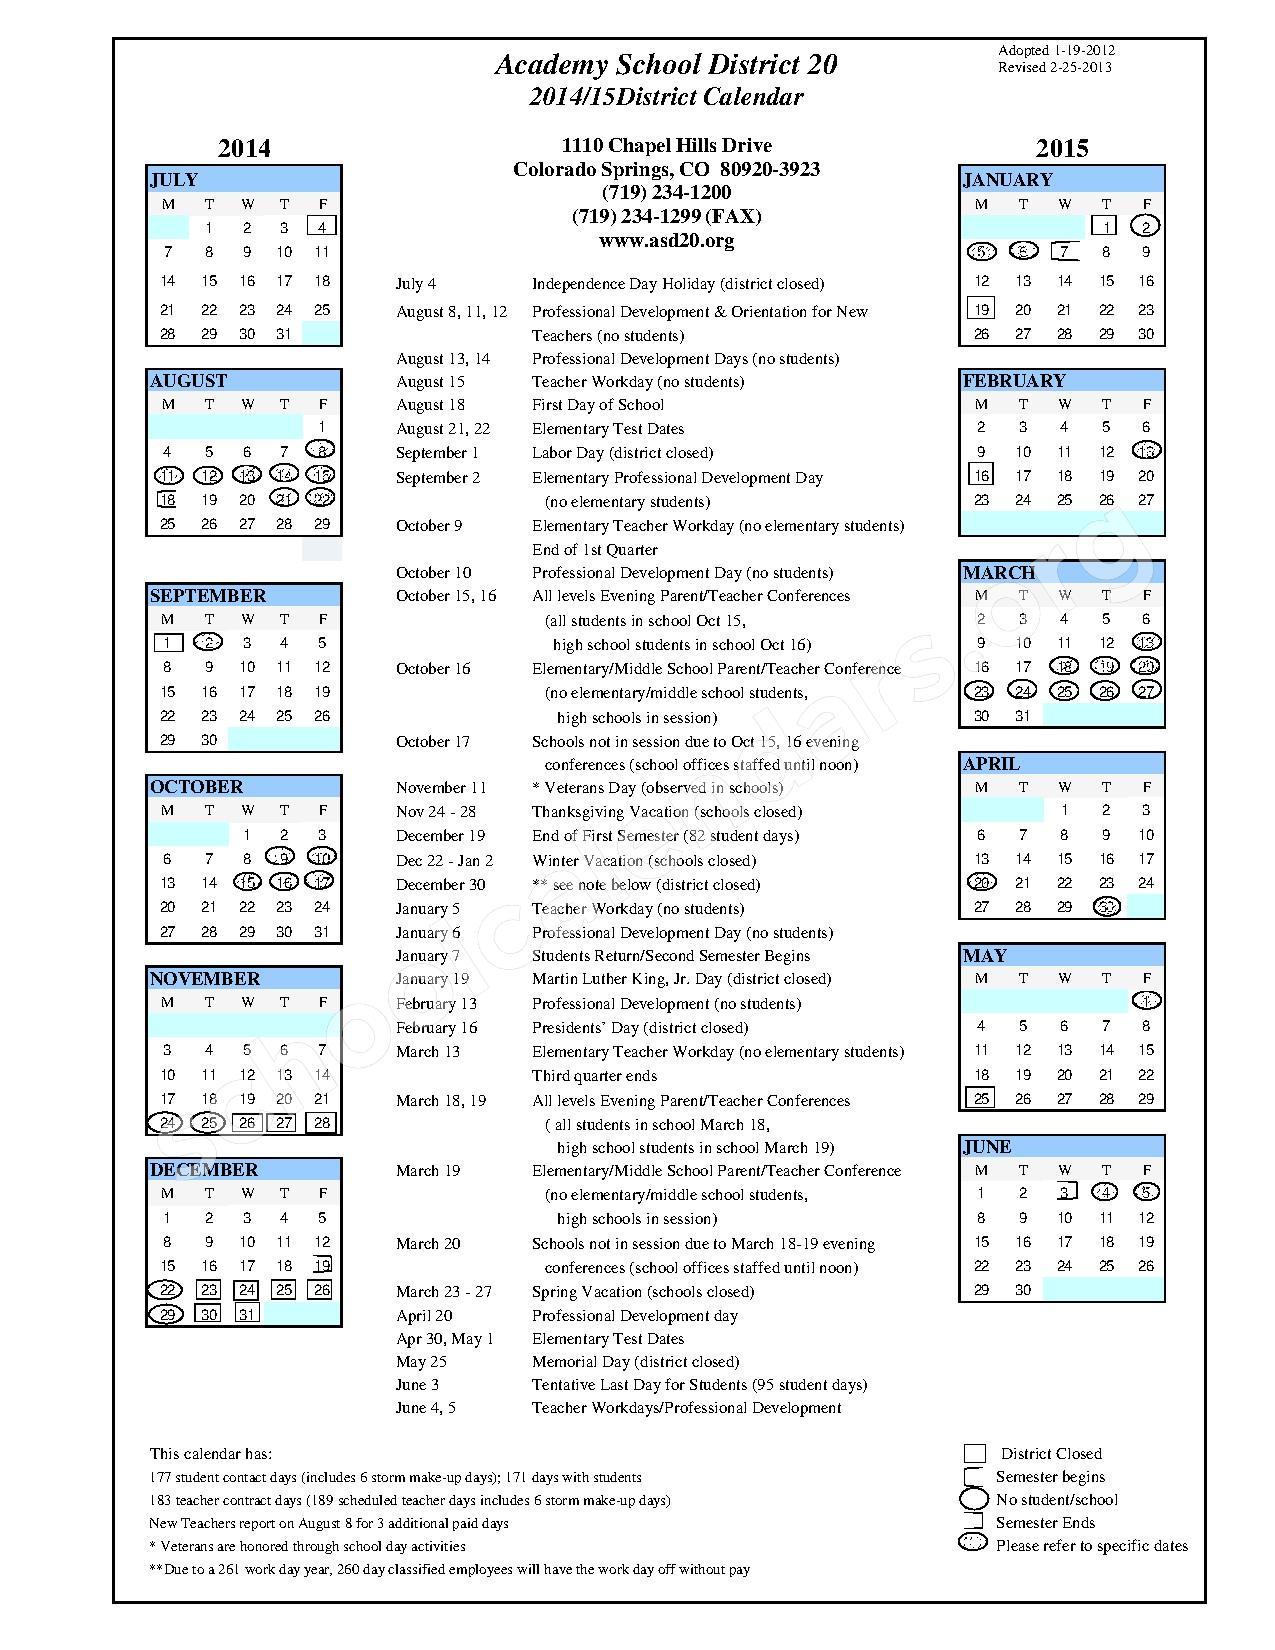 2013 2014 2015 Calendar Adopted d20 calendar 2014-2015